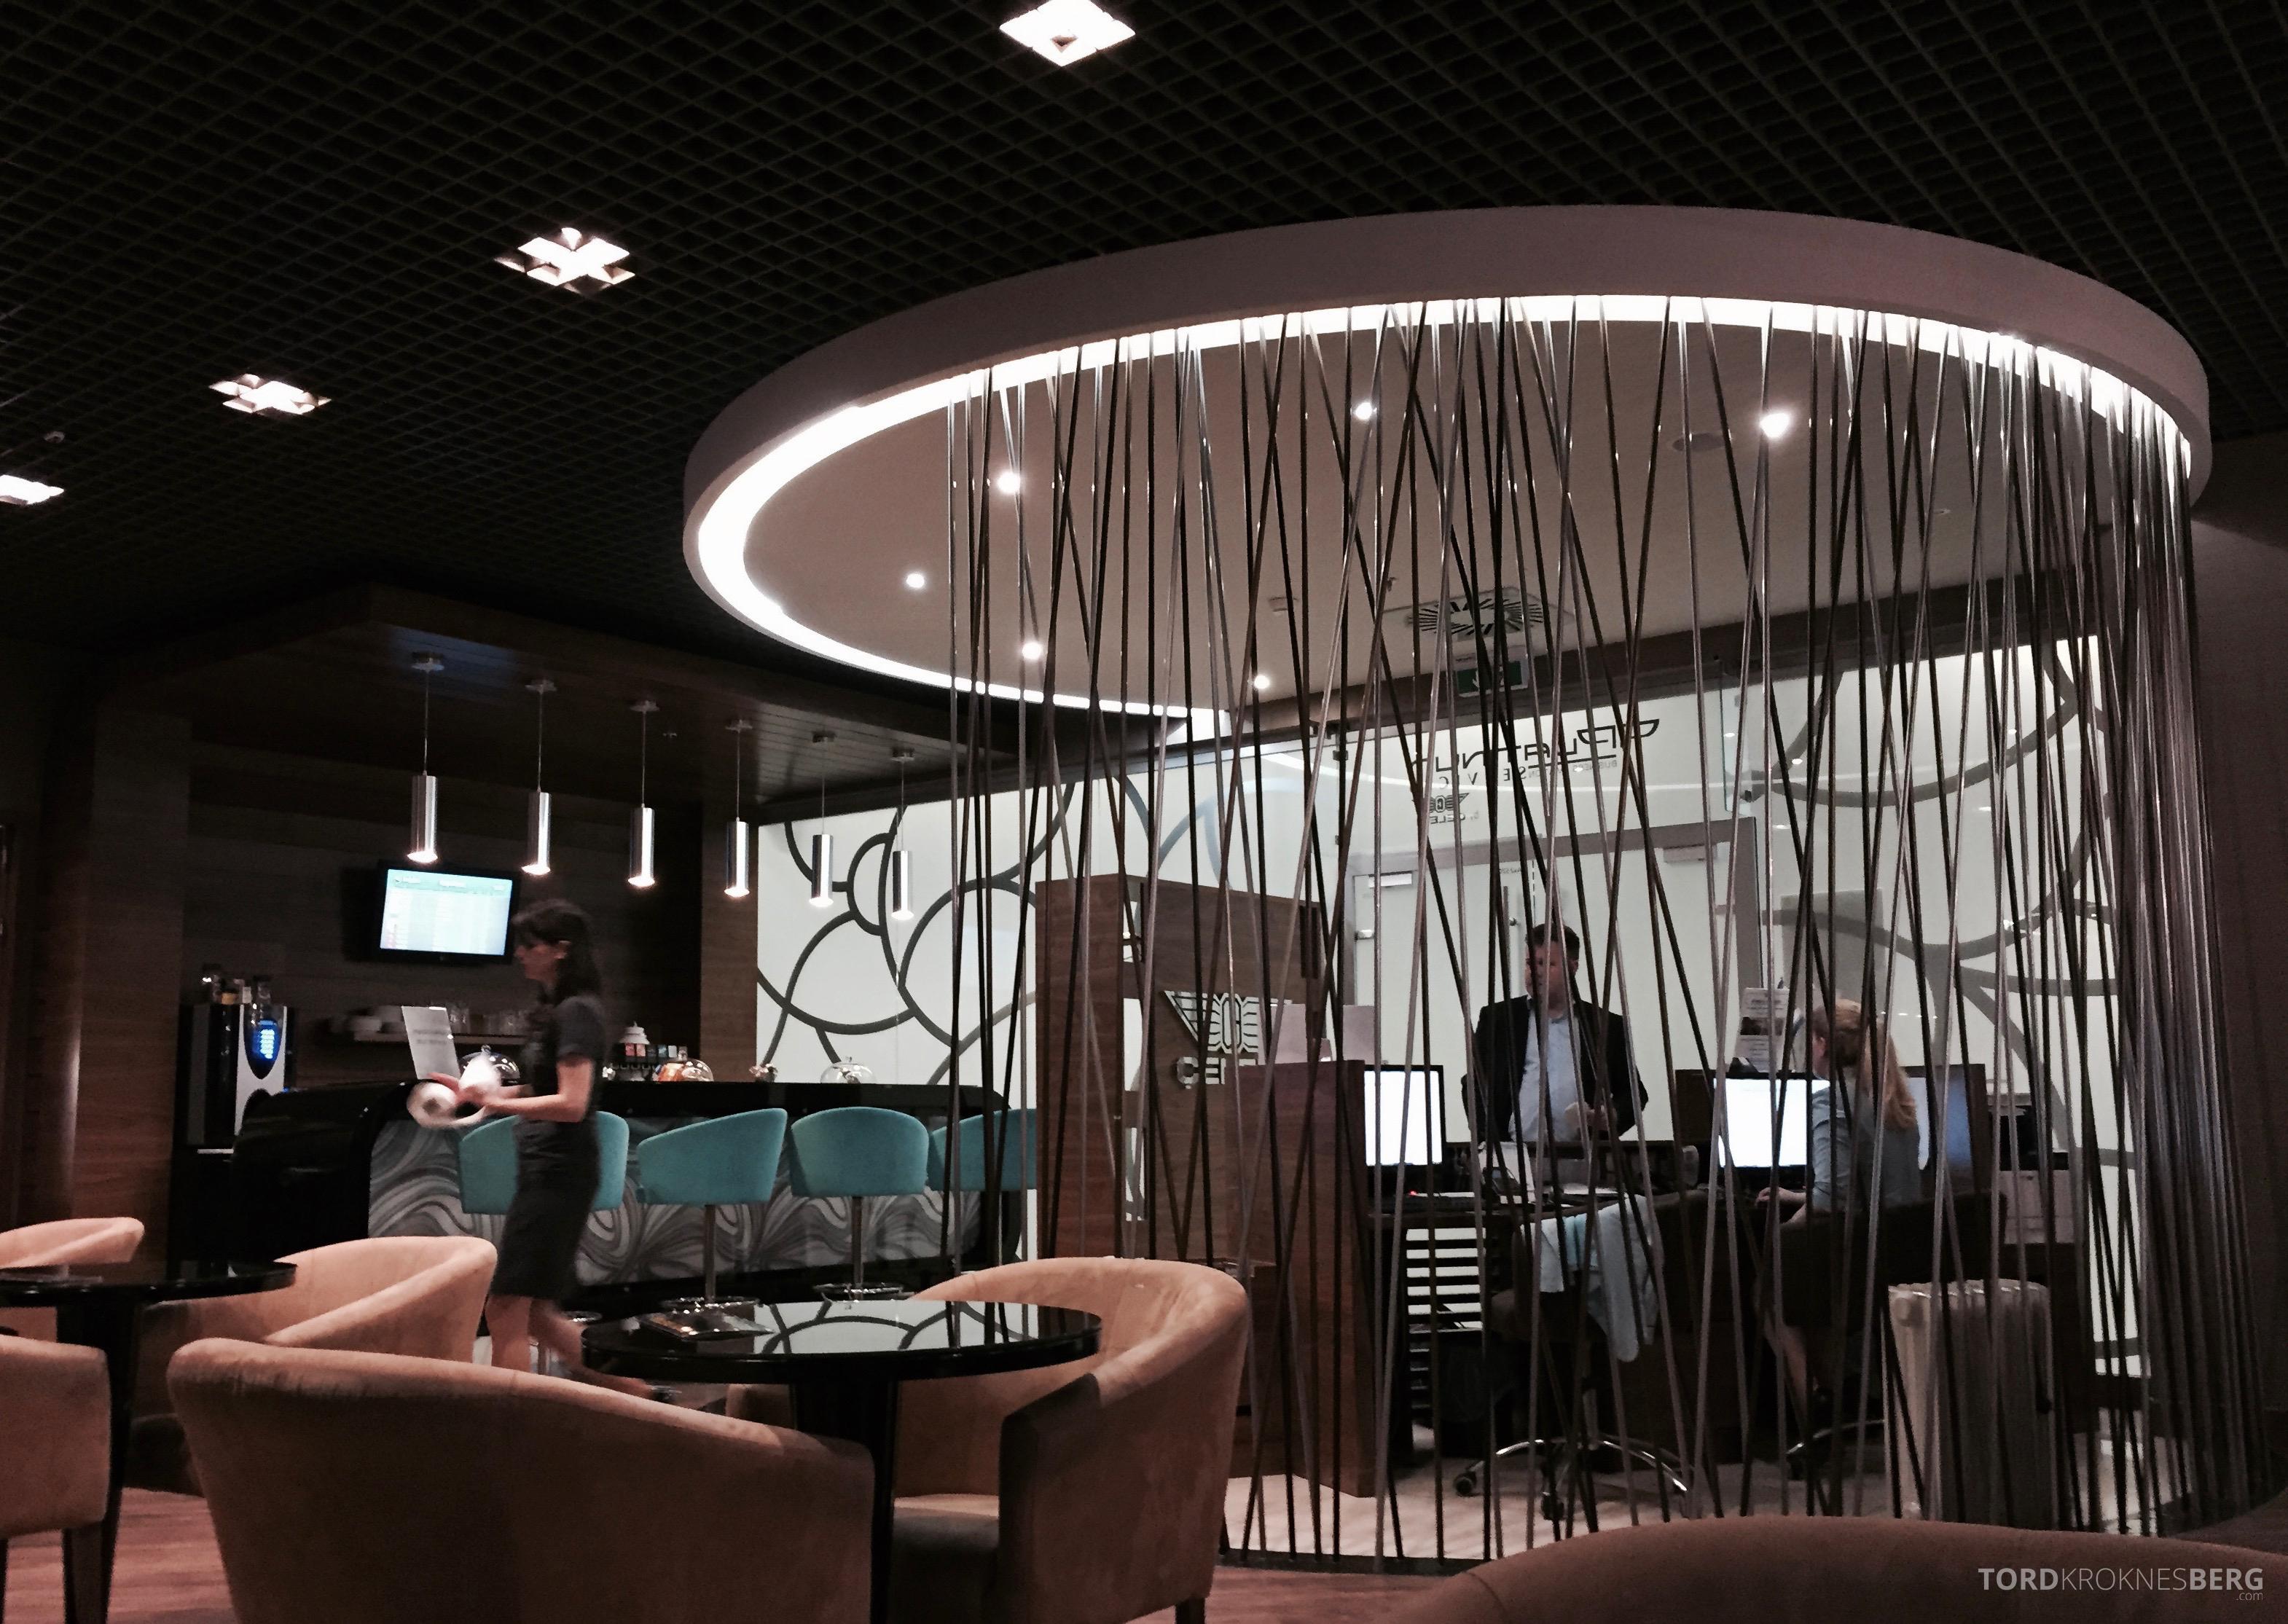 Lufthansa Lounge Budapest entrance